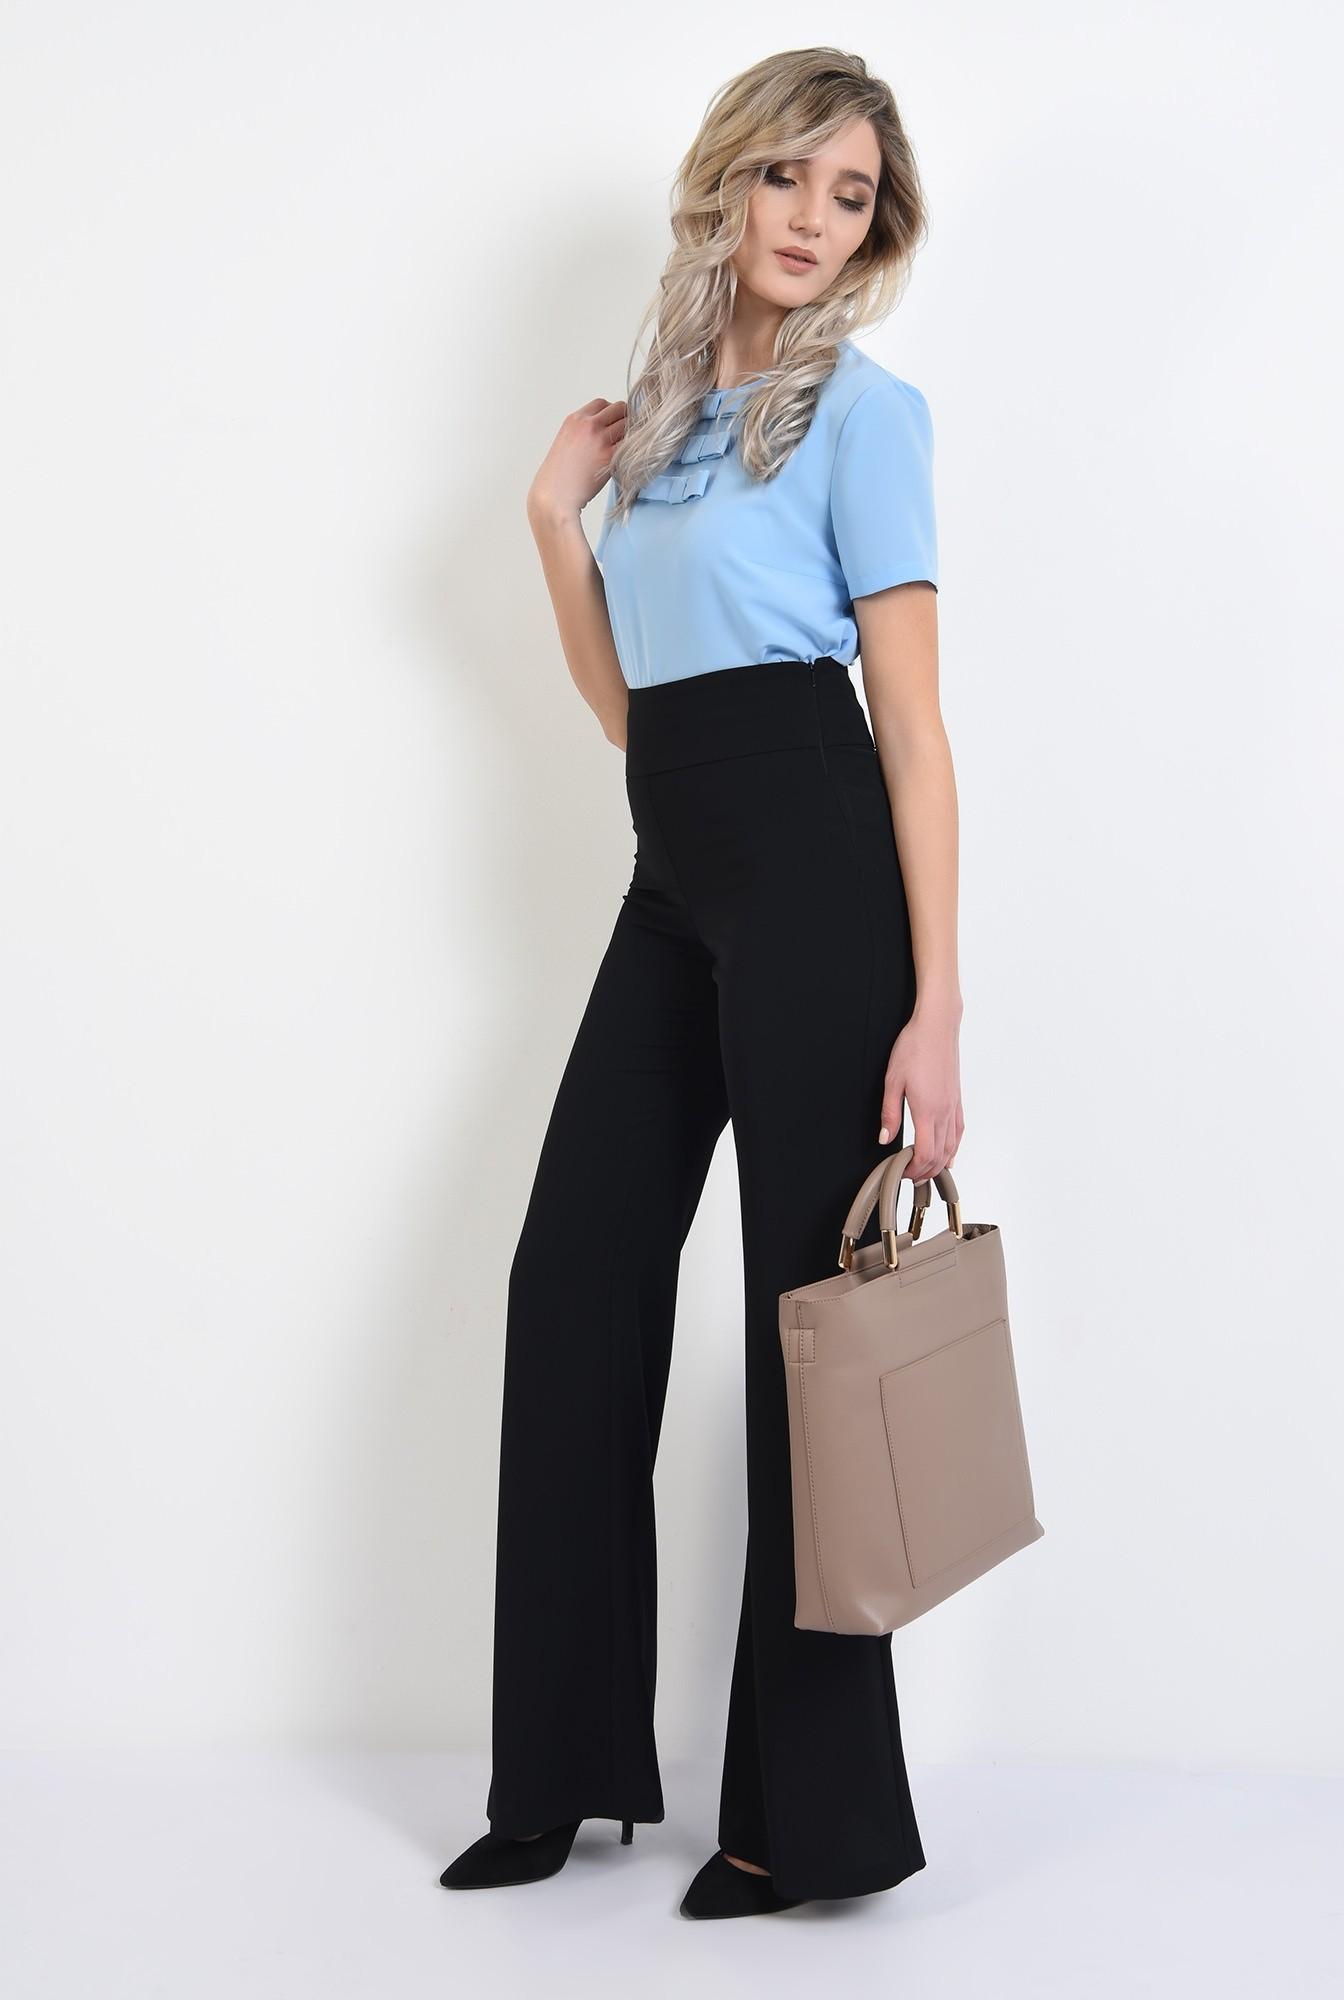 3 -  bluza de zi, office, cu maneci scurte, cu funde, bluza de birou